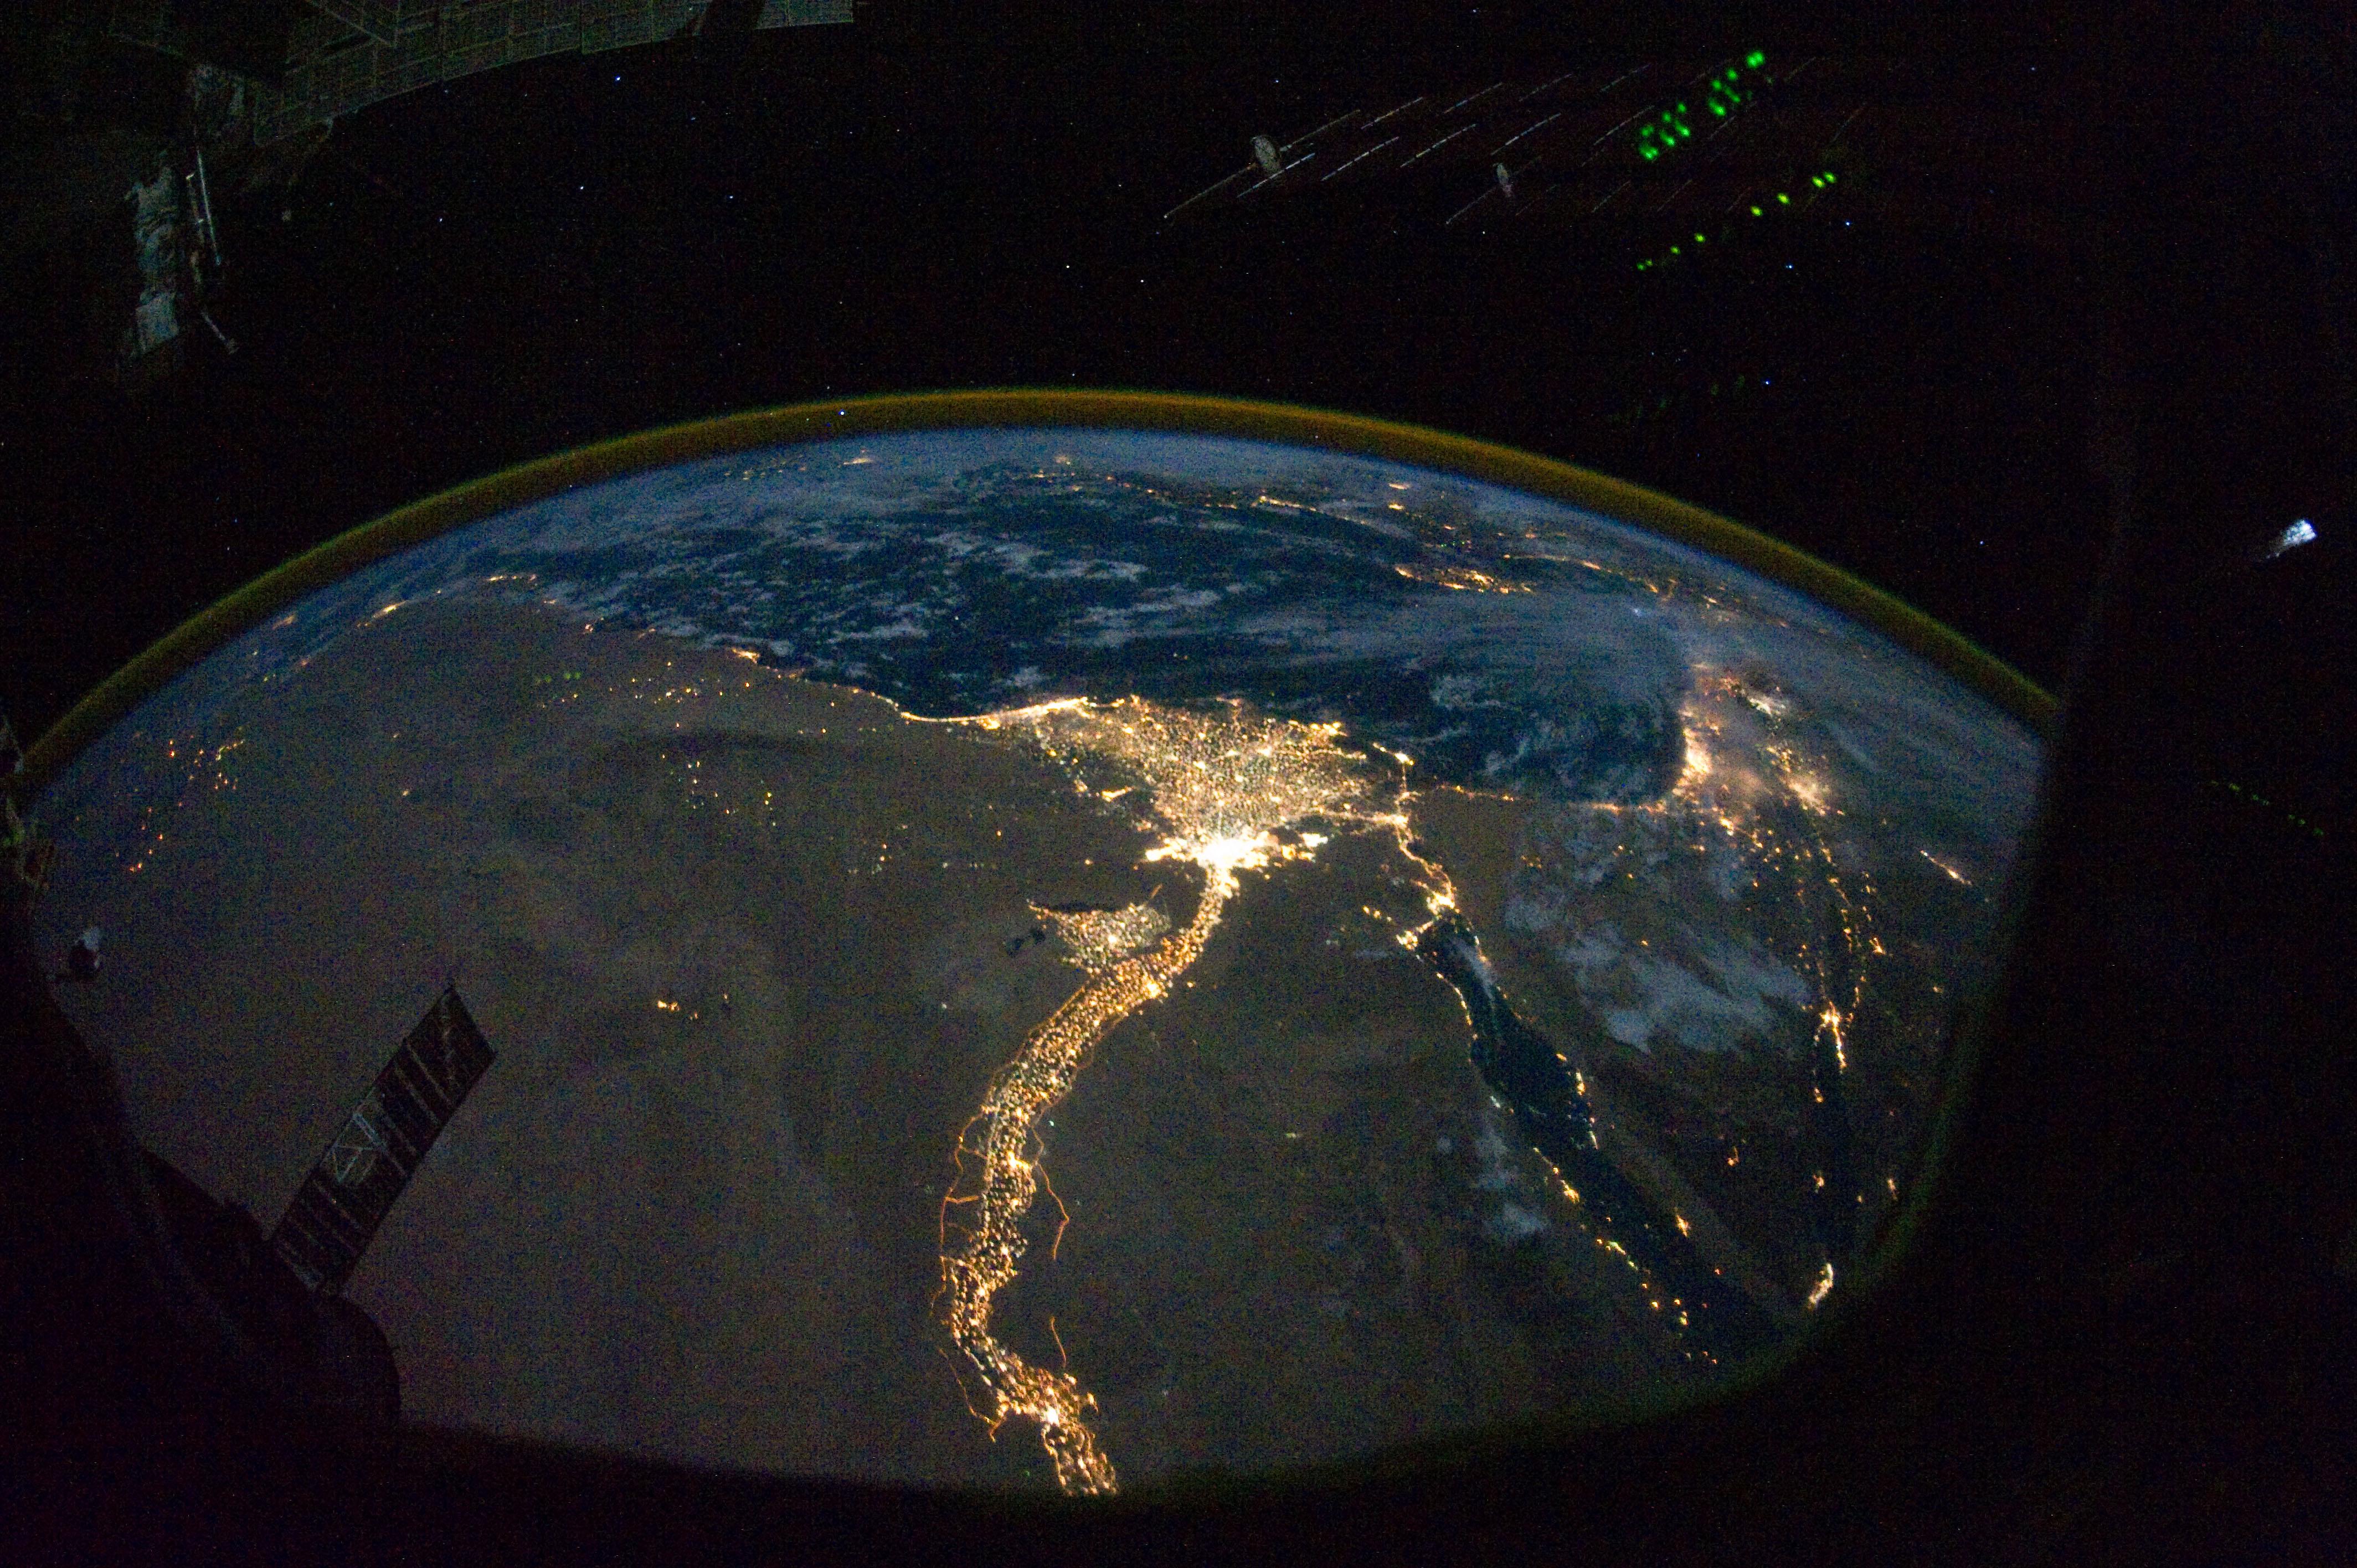 File:Nile River Delta at Night.JPG - Wikipedia